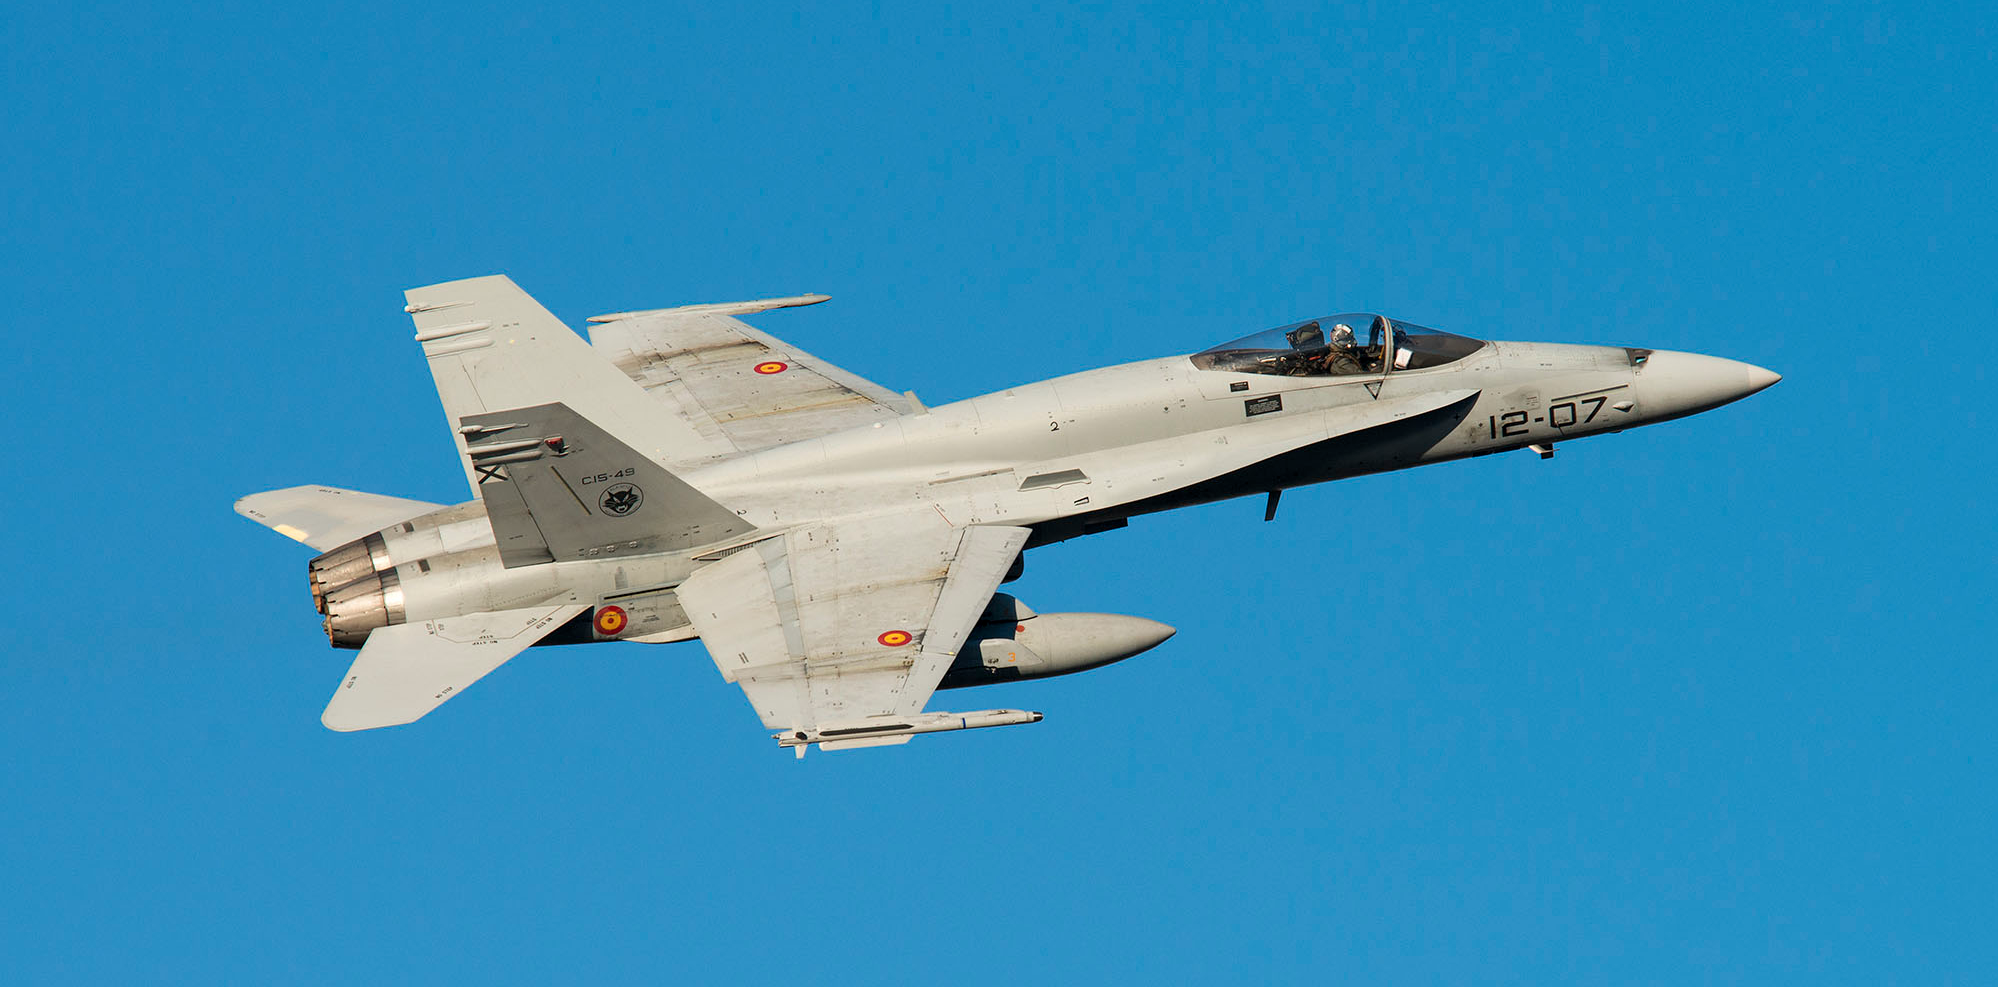 Urolig over britisk kampfly-fravær